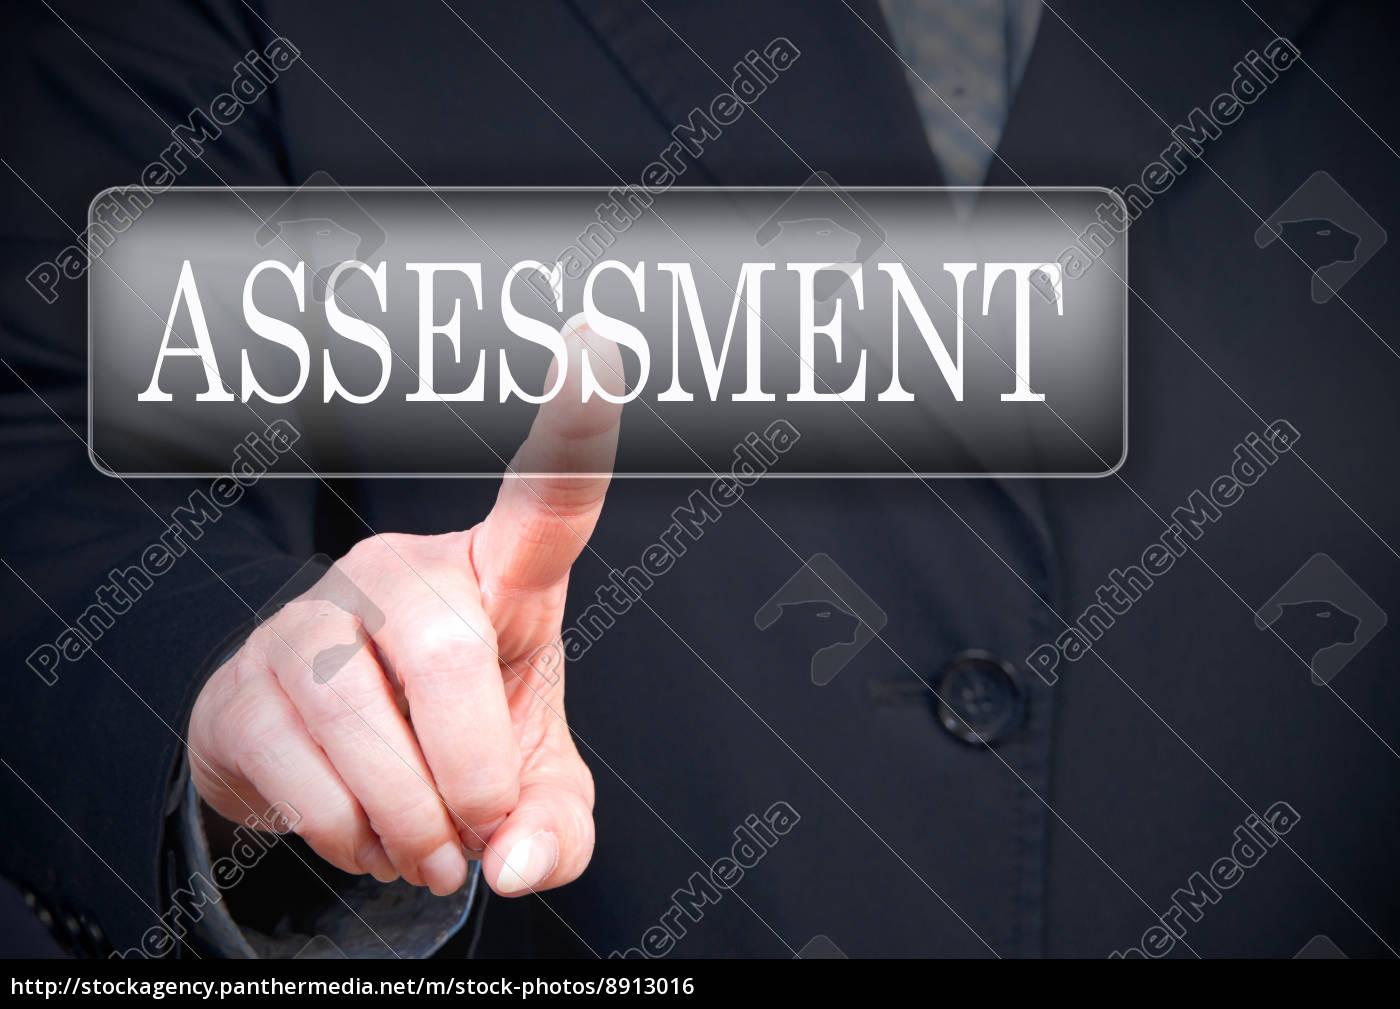 assessment - 8913016